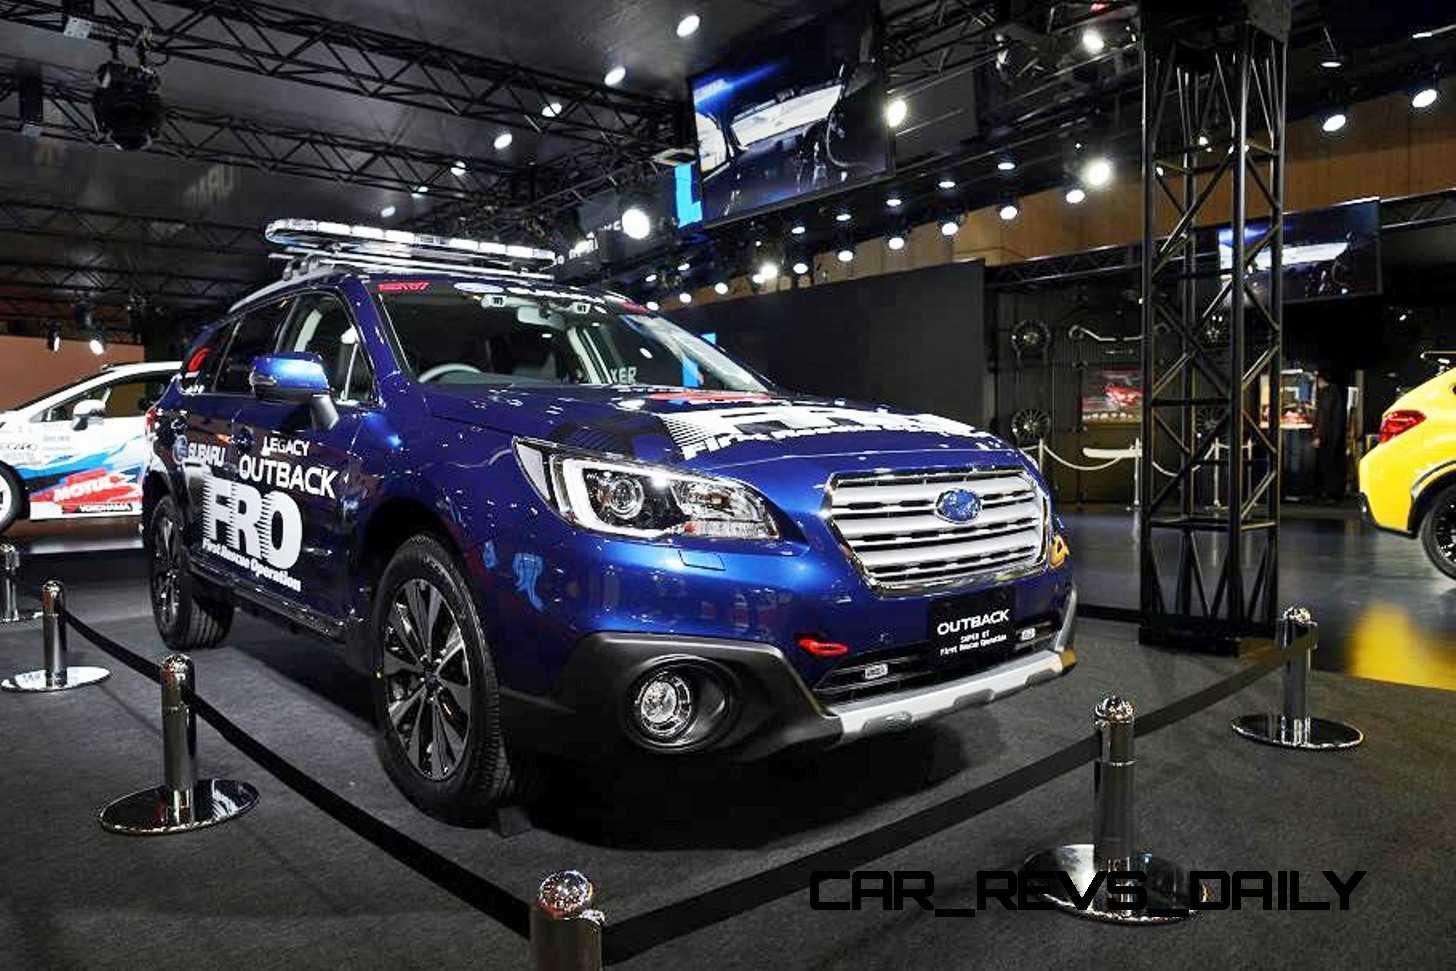 Used Subaru Wrx Sti >> 2015 Subaru WRX STi Rally Racecars